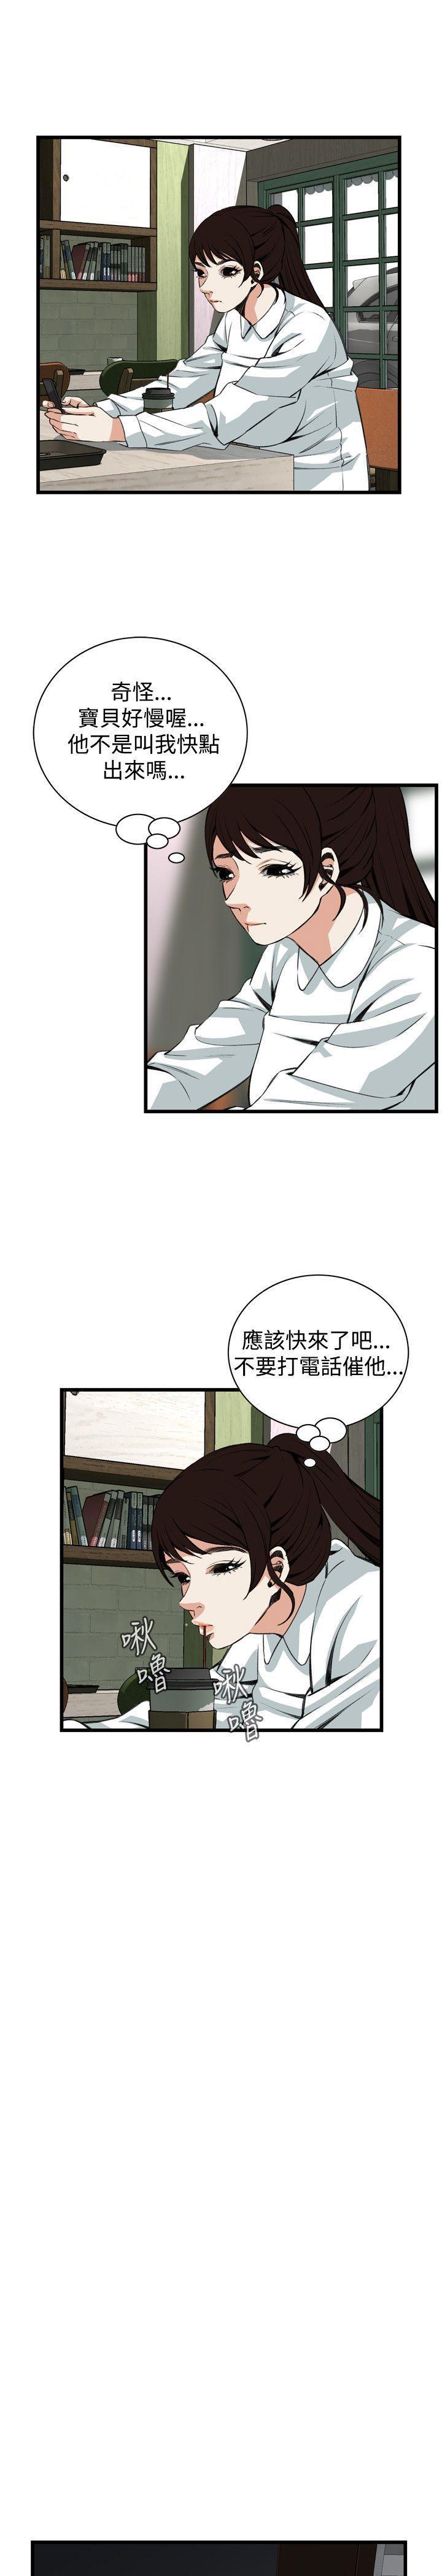 偷窥72-93 Chinese Rsiky 204